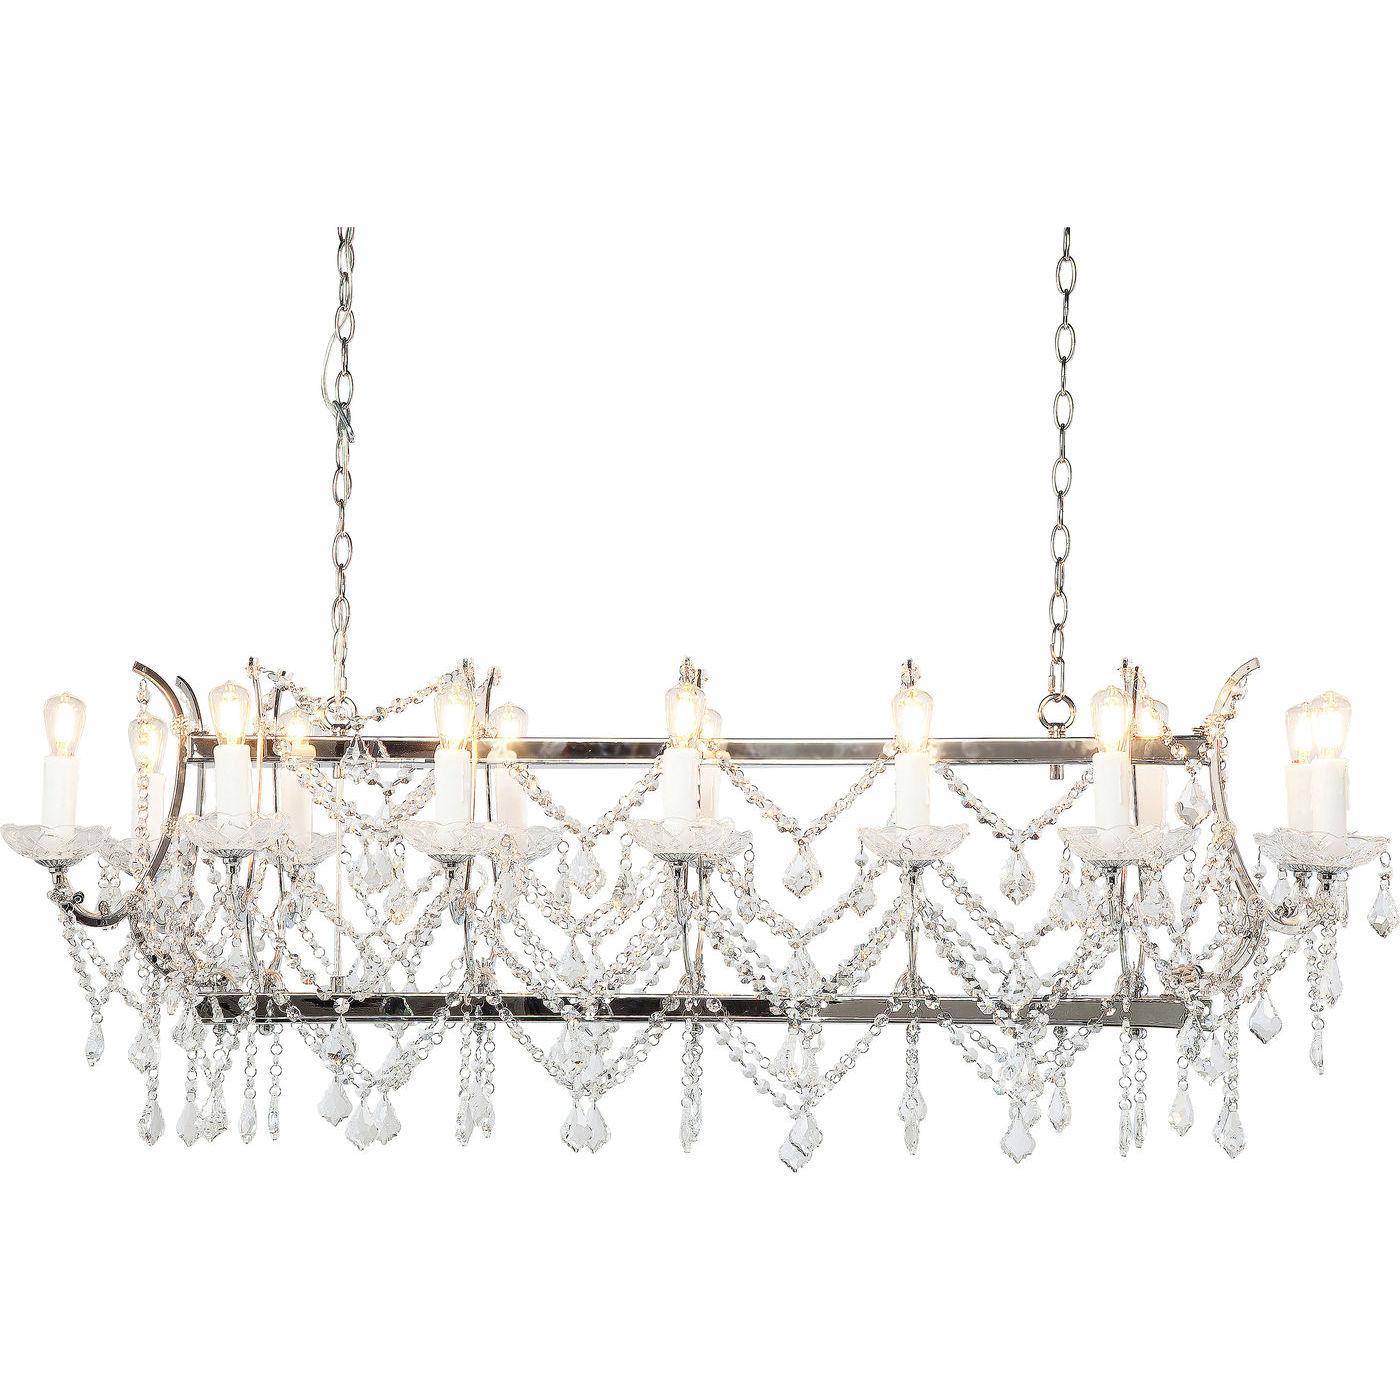 Kare design chateau crystal chrome loftlampe - stål og glas